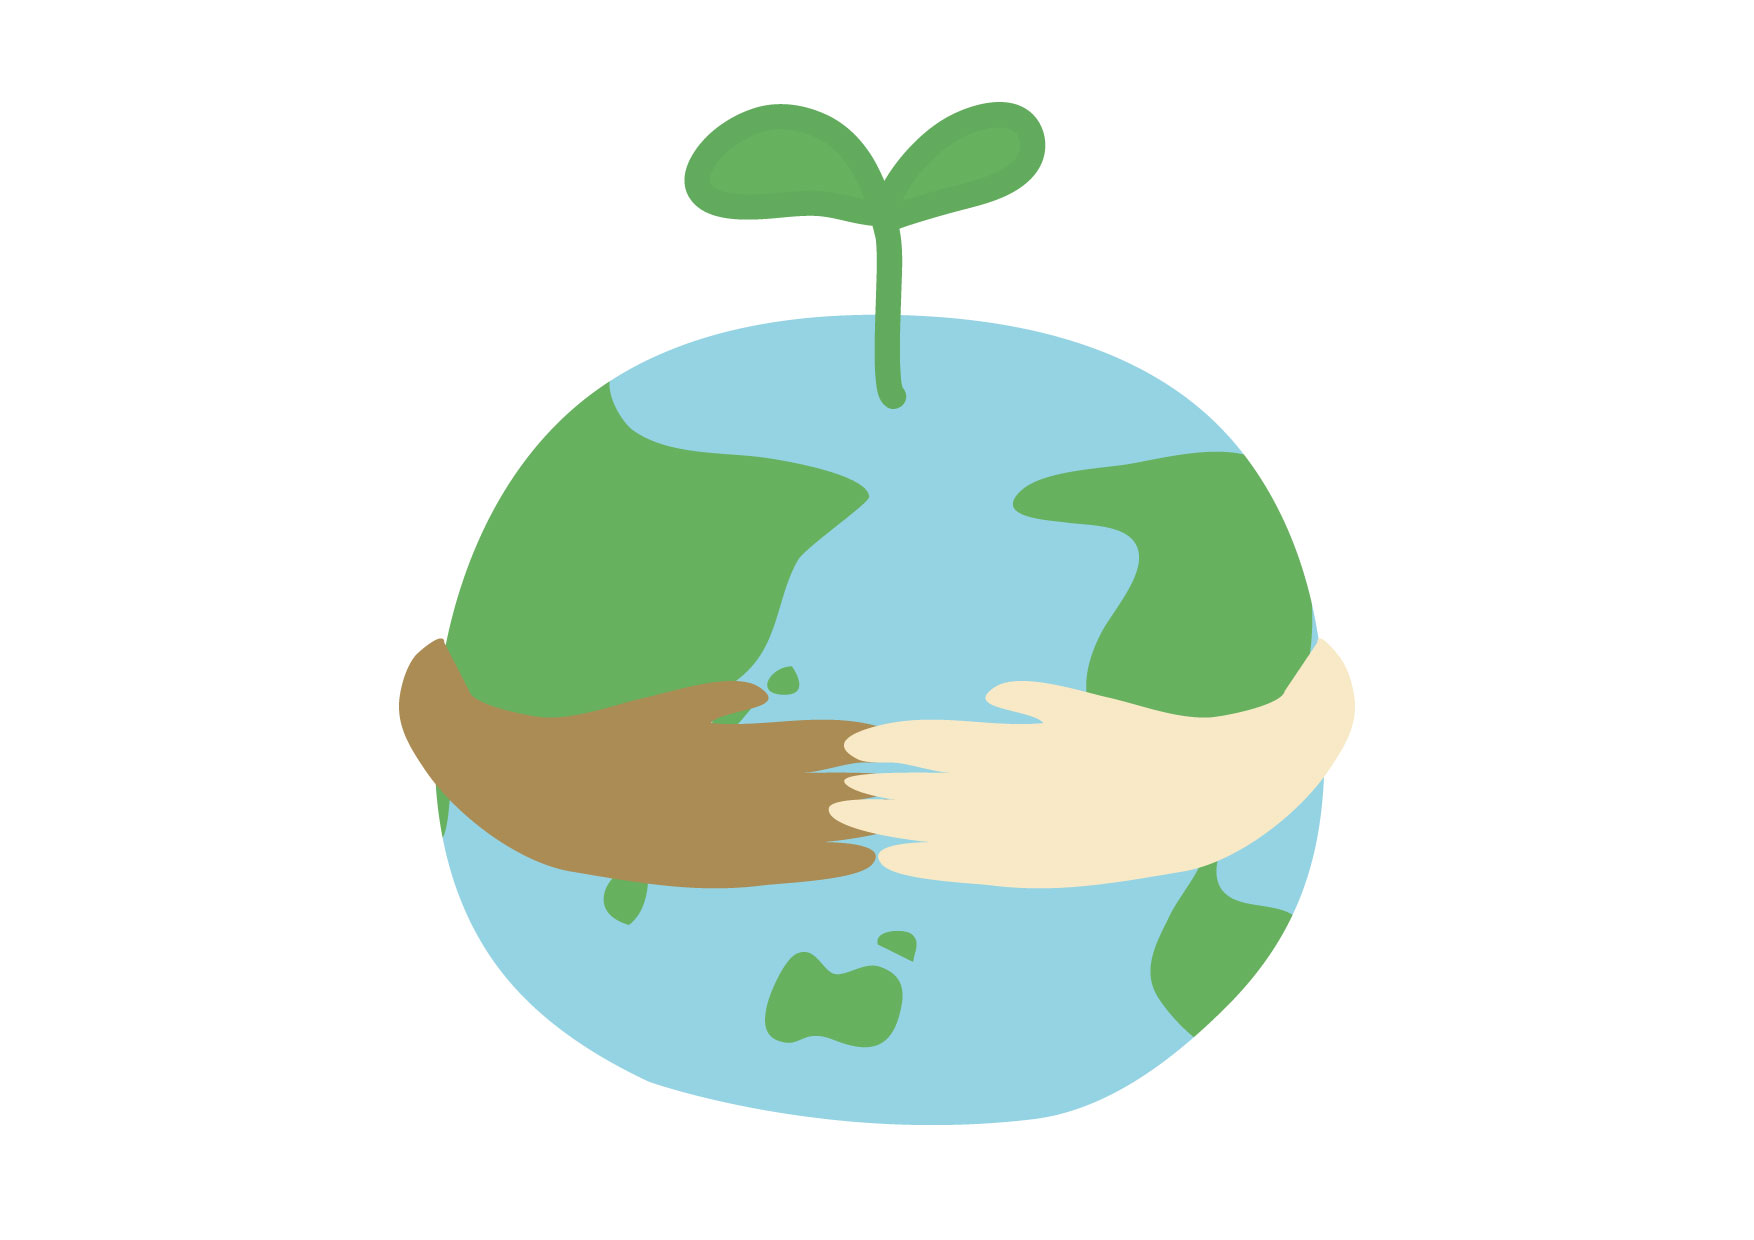 地球 双葉 人権 環境 イラスト 無料